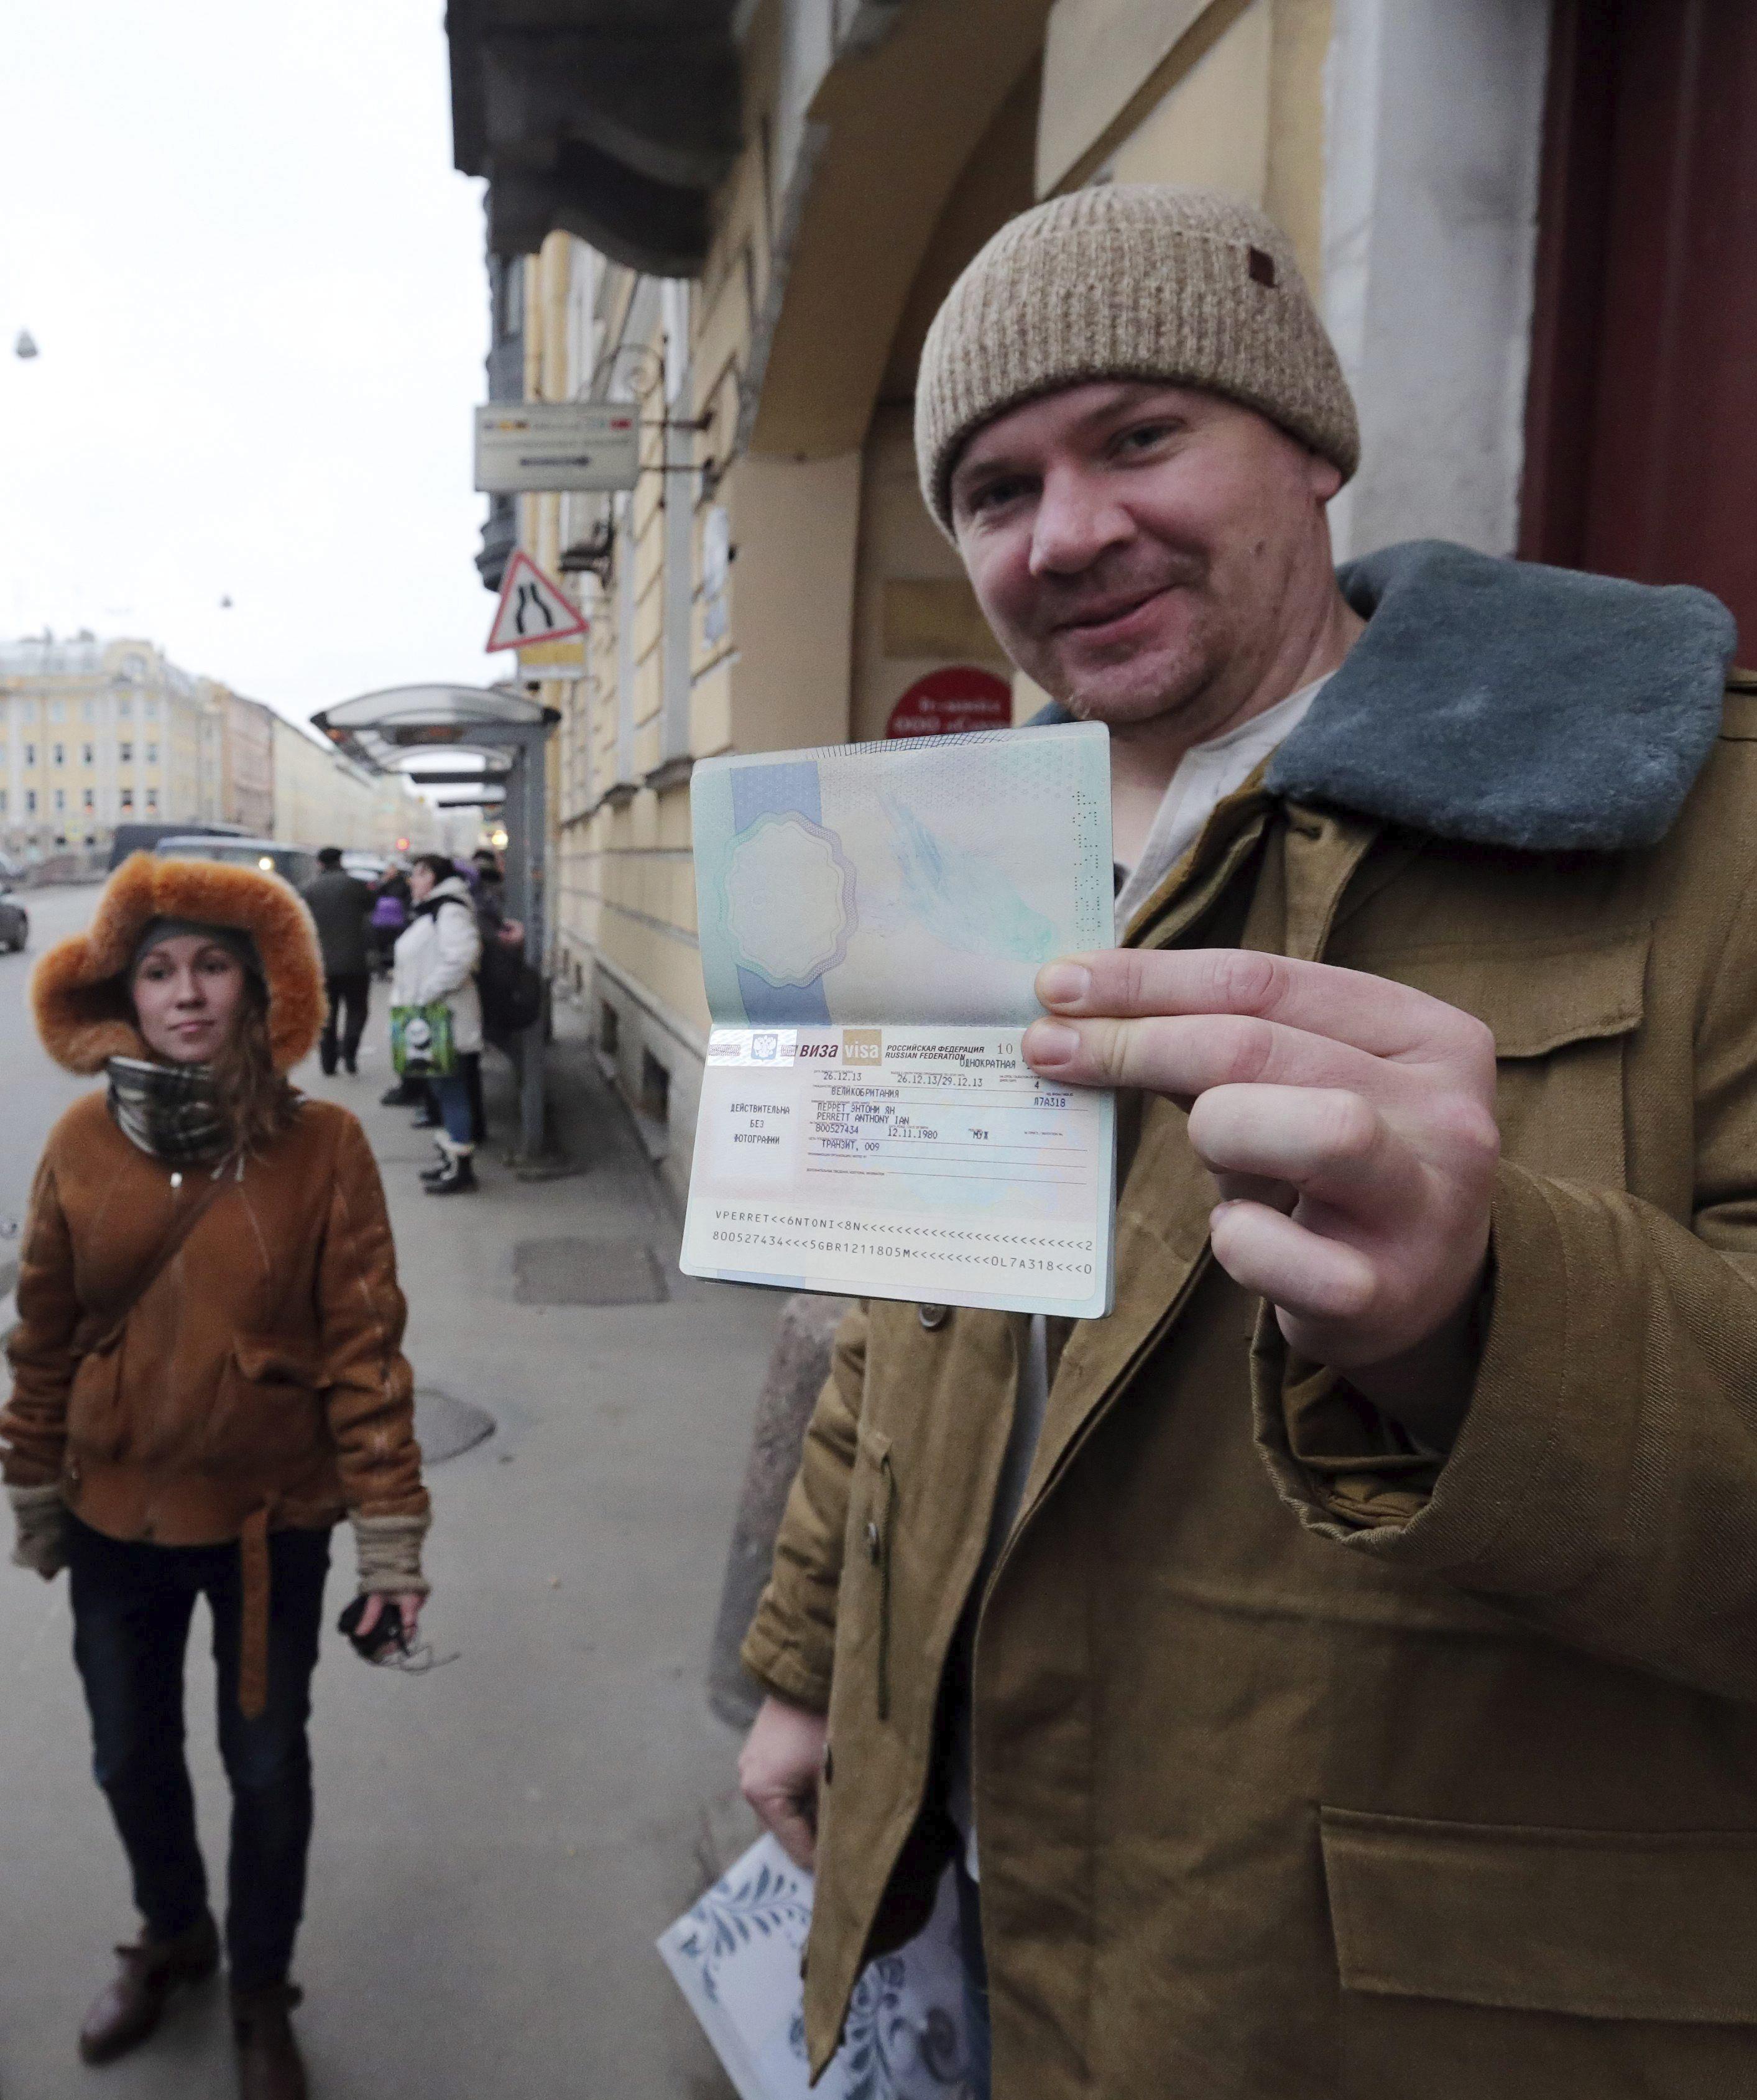 La Justicia rusa retira los cargos contra el último tripulante de Greenpeace